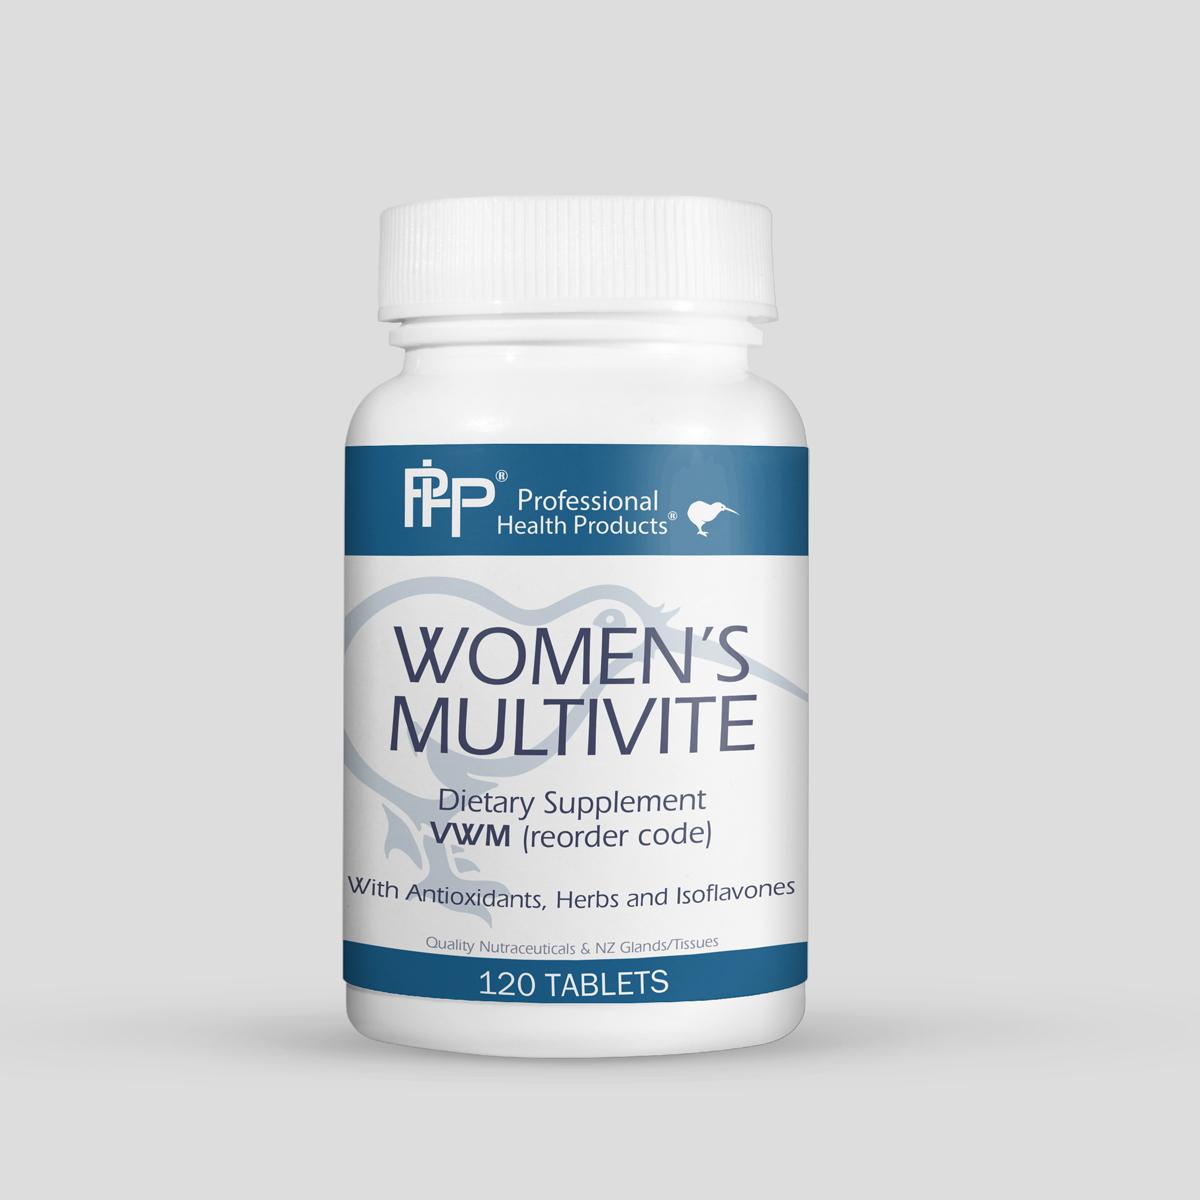 Women's Multivite